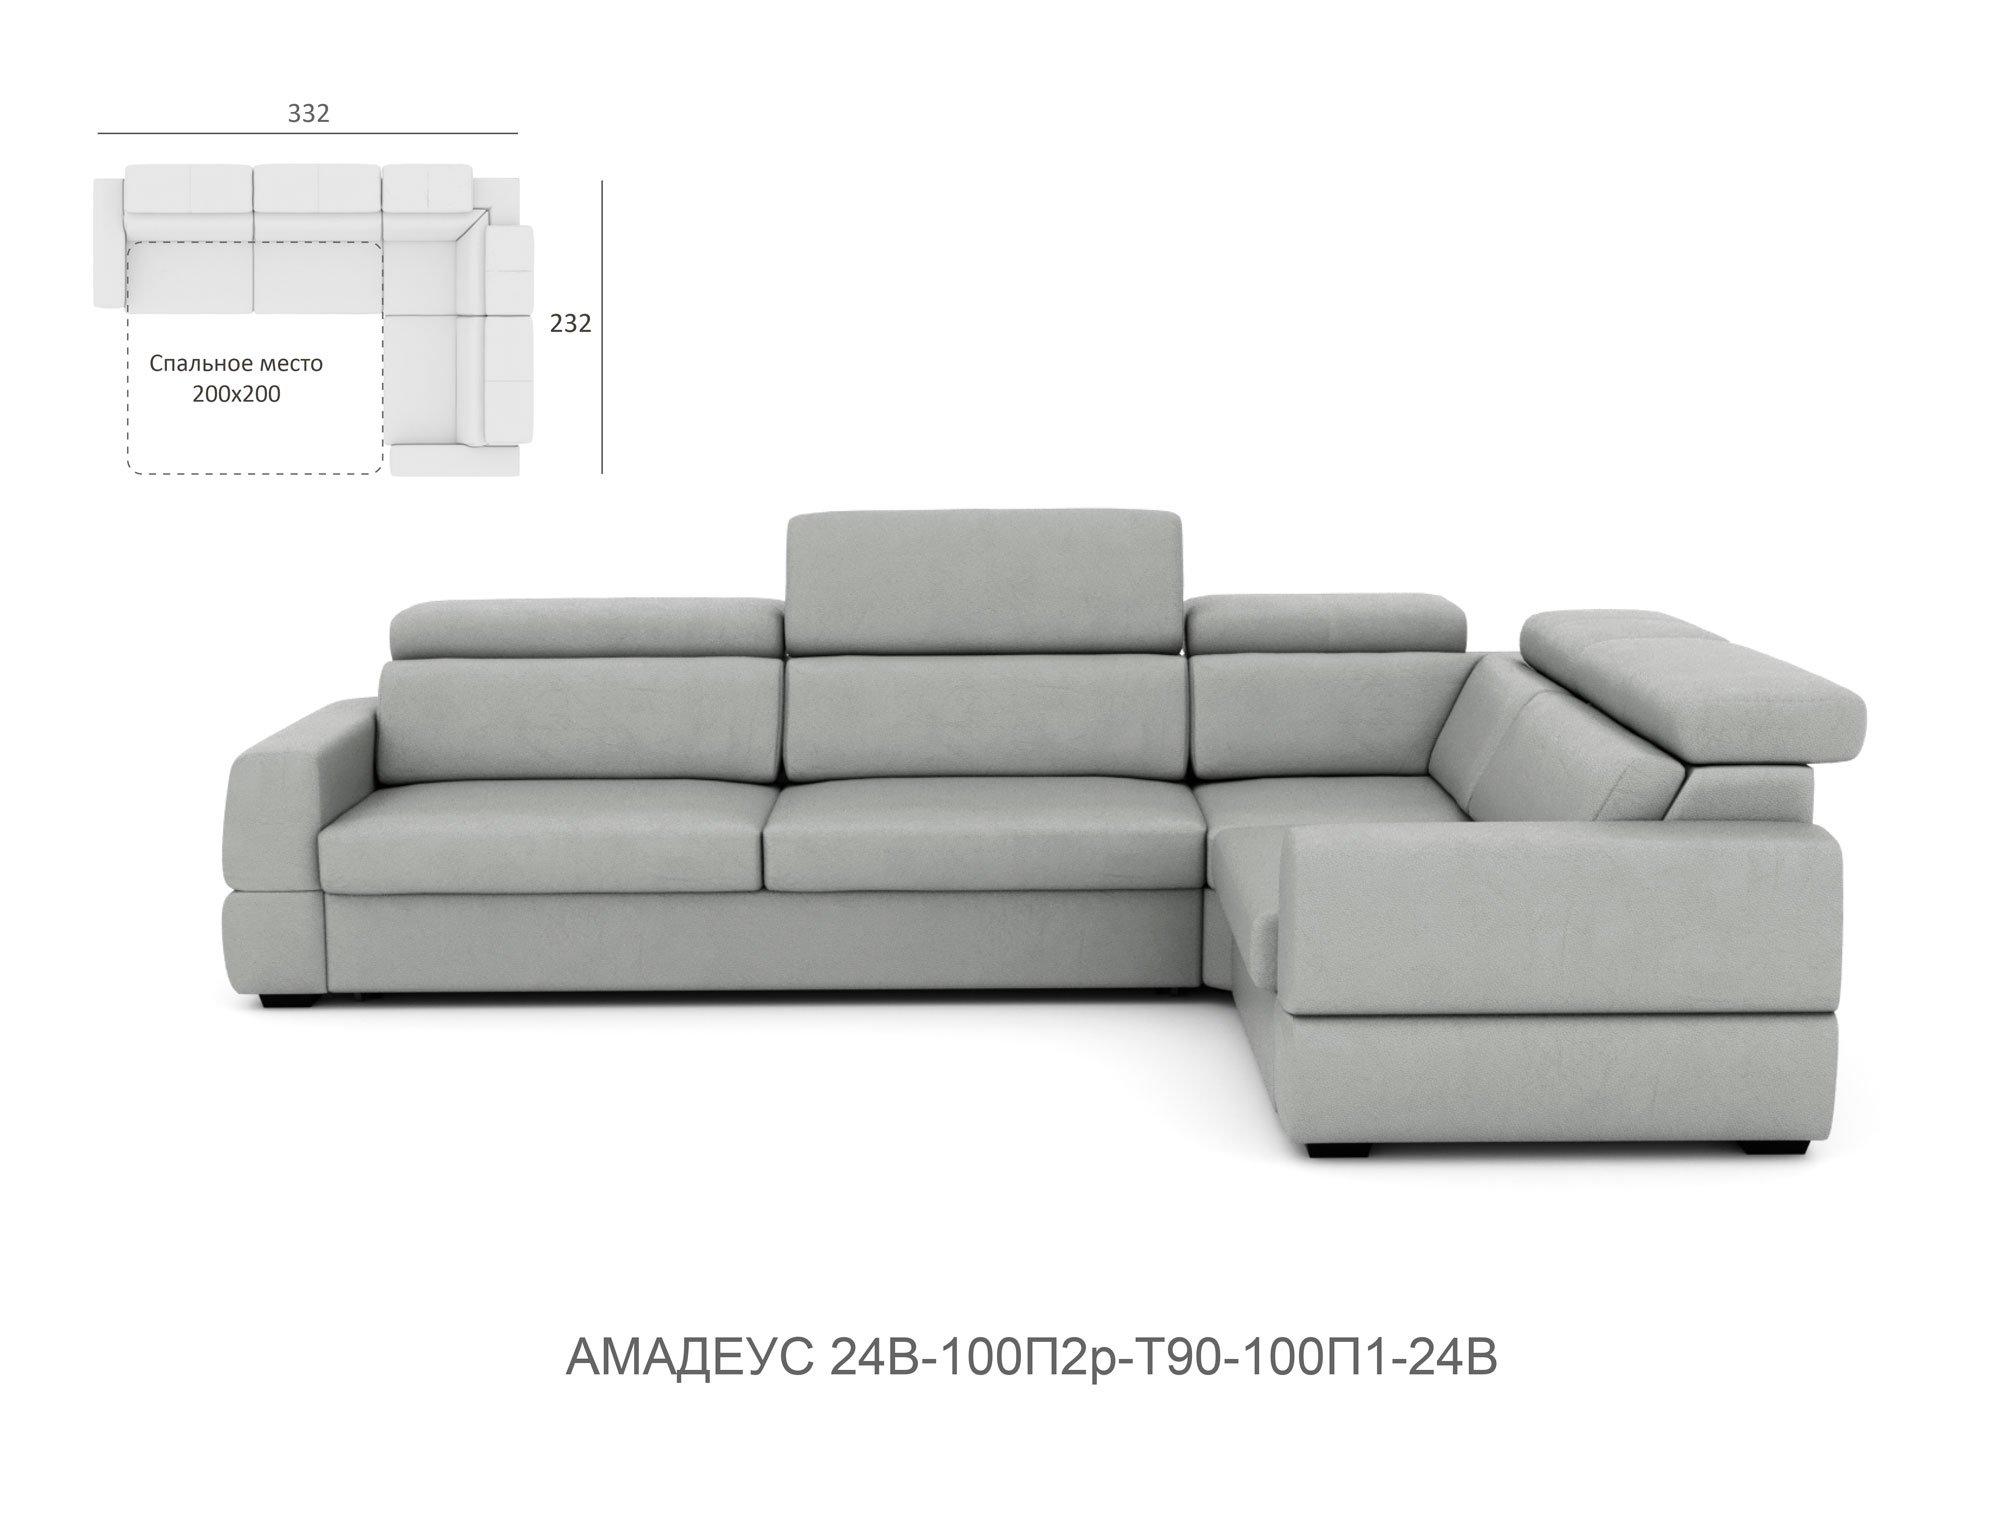 Амадеус 24В-100П1-Т90-100П2р-20В